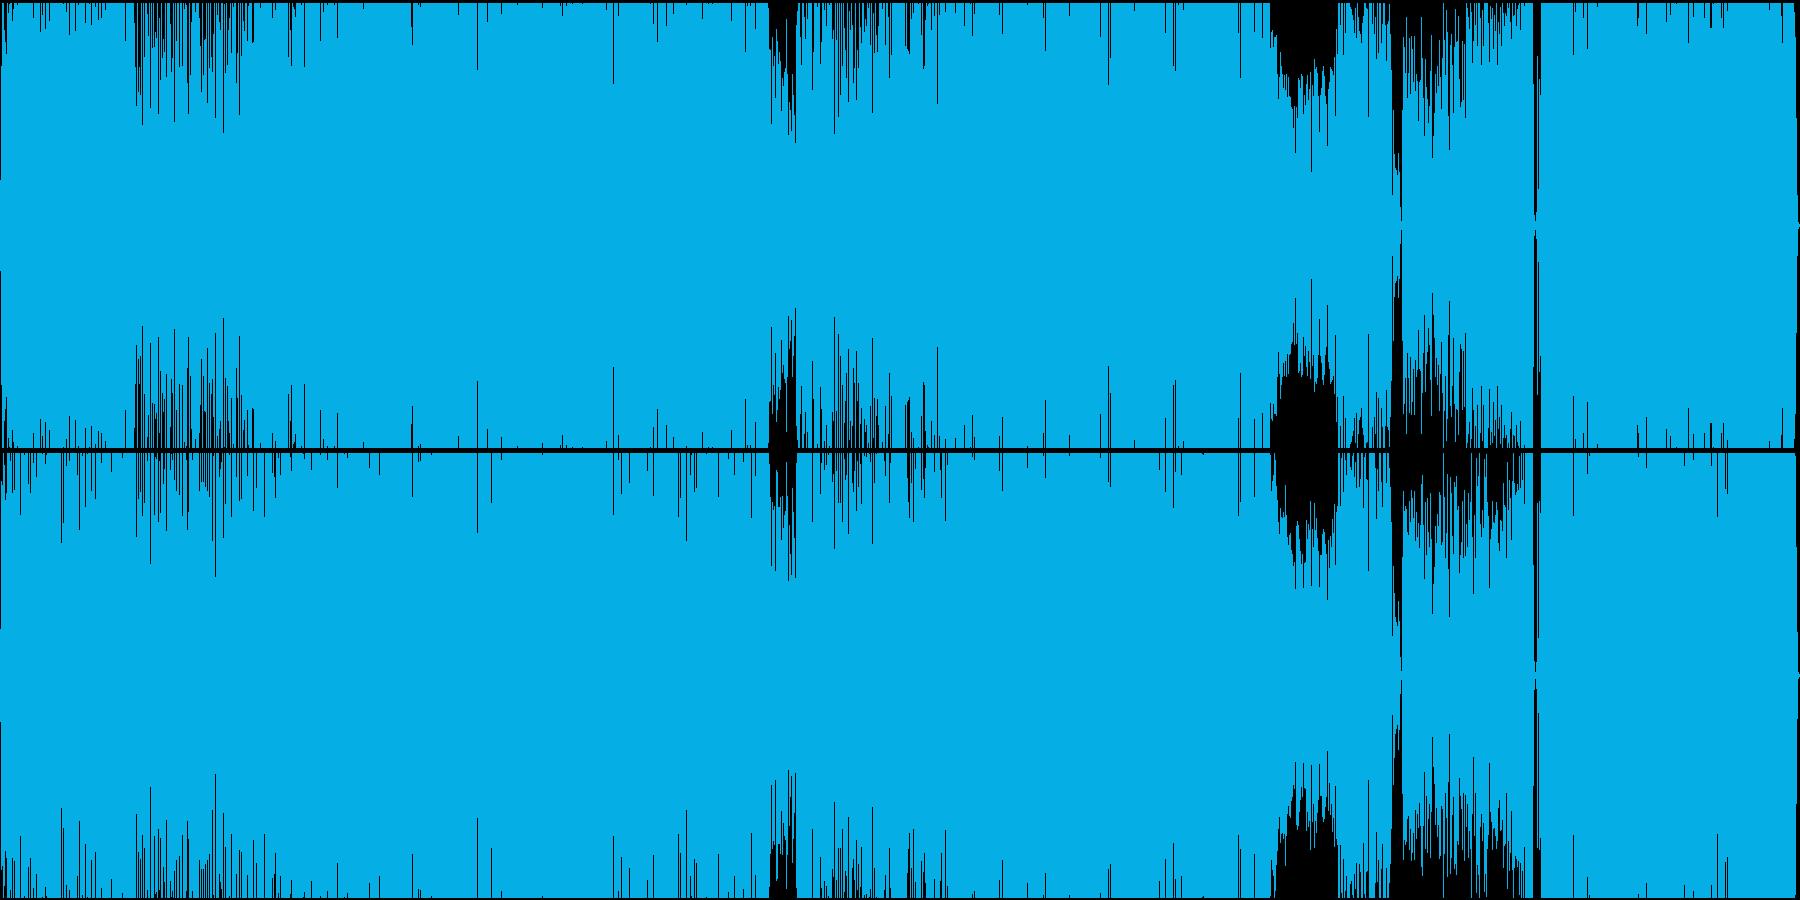 エッジの効いたお洒落なファンクロックの再生済みの波形